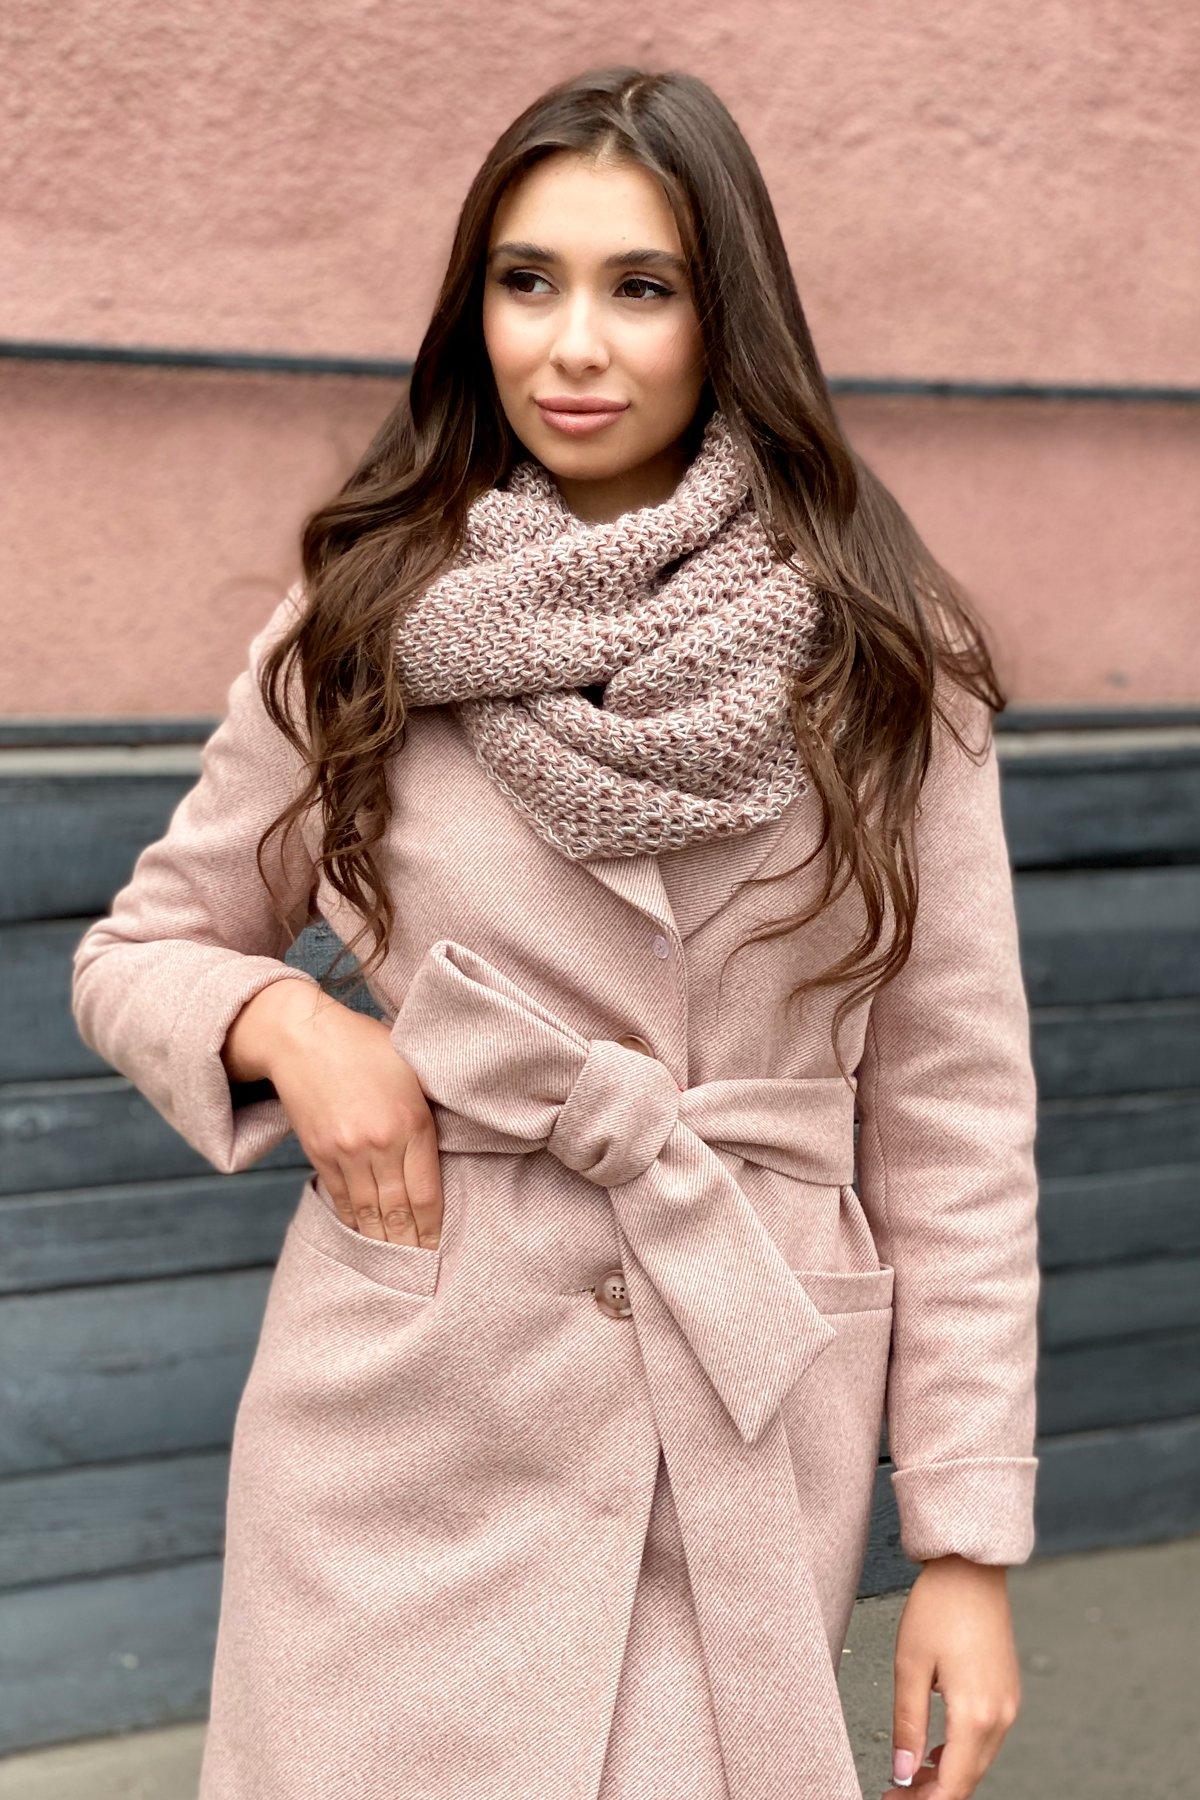 Зимнее утепленное пальто диагональ Вива 8243 АРТ. 44280 Цвет: Бежевый - фото 2, интернет магазин tm-modus.ru